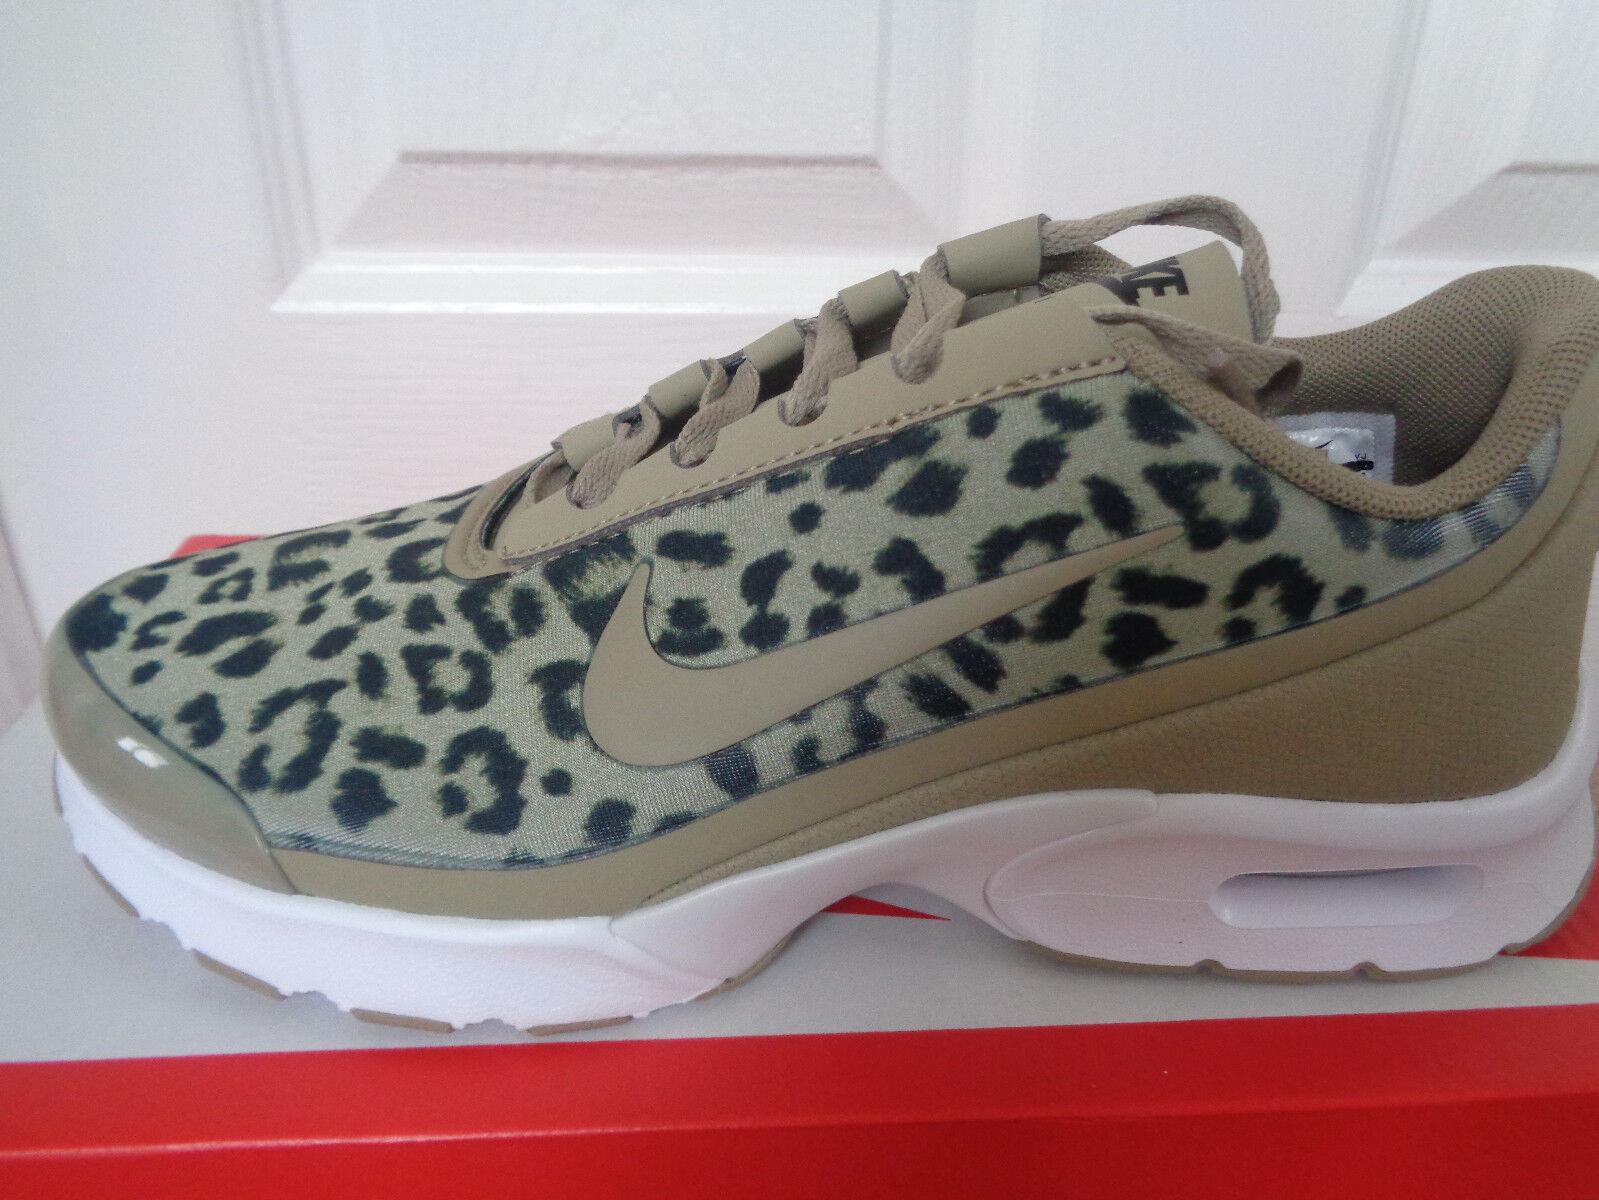 Nike Air Max Jewell Print trainers schuhe AA4604 200 uk 4 eu 37.5 us 6.5 NEW+BOX